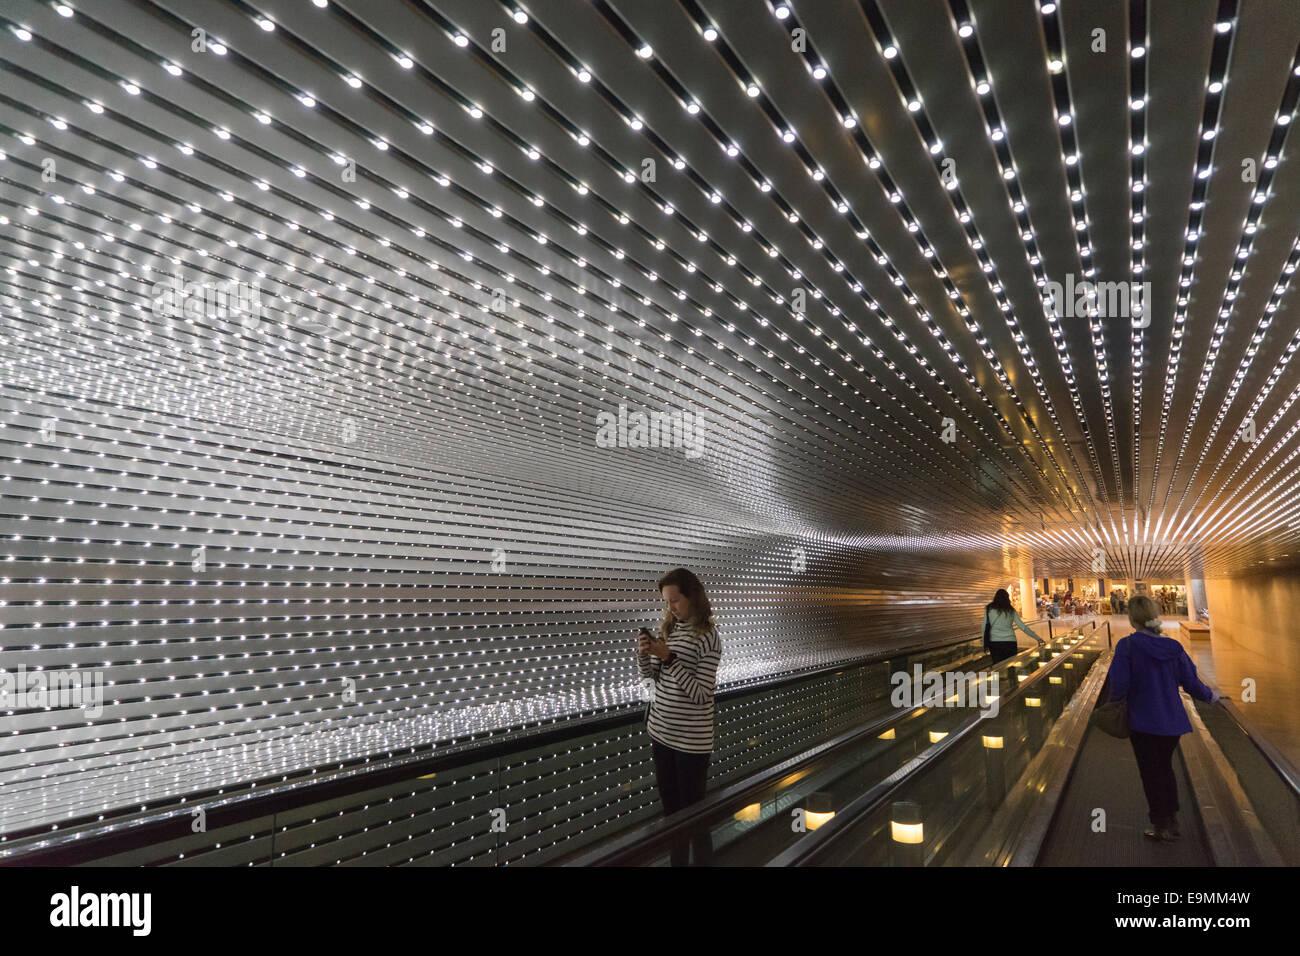 États-unis, Washington, DC, National Art Gallery, se débarrassant d'un trottoir électrique Banque D'Images